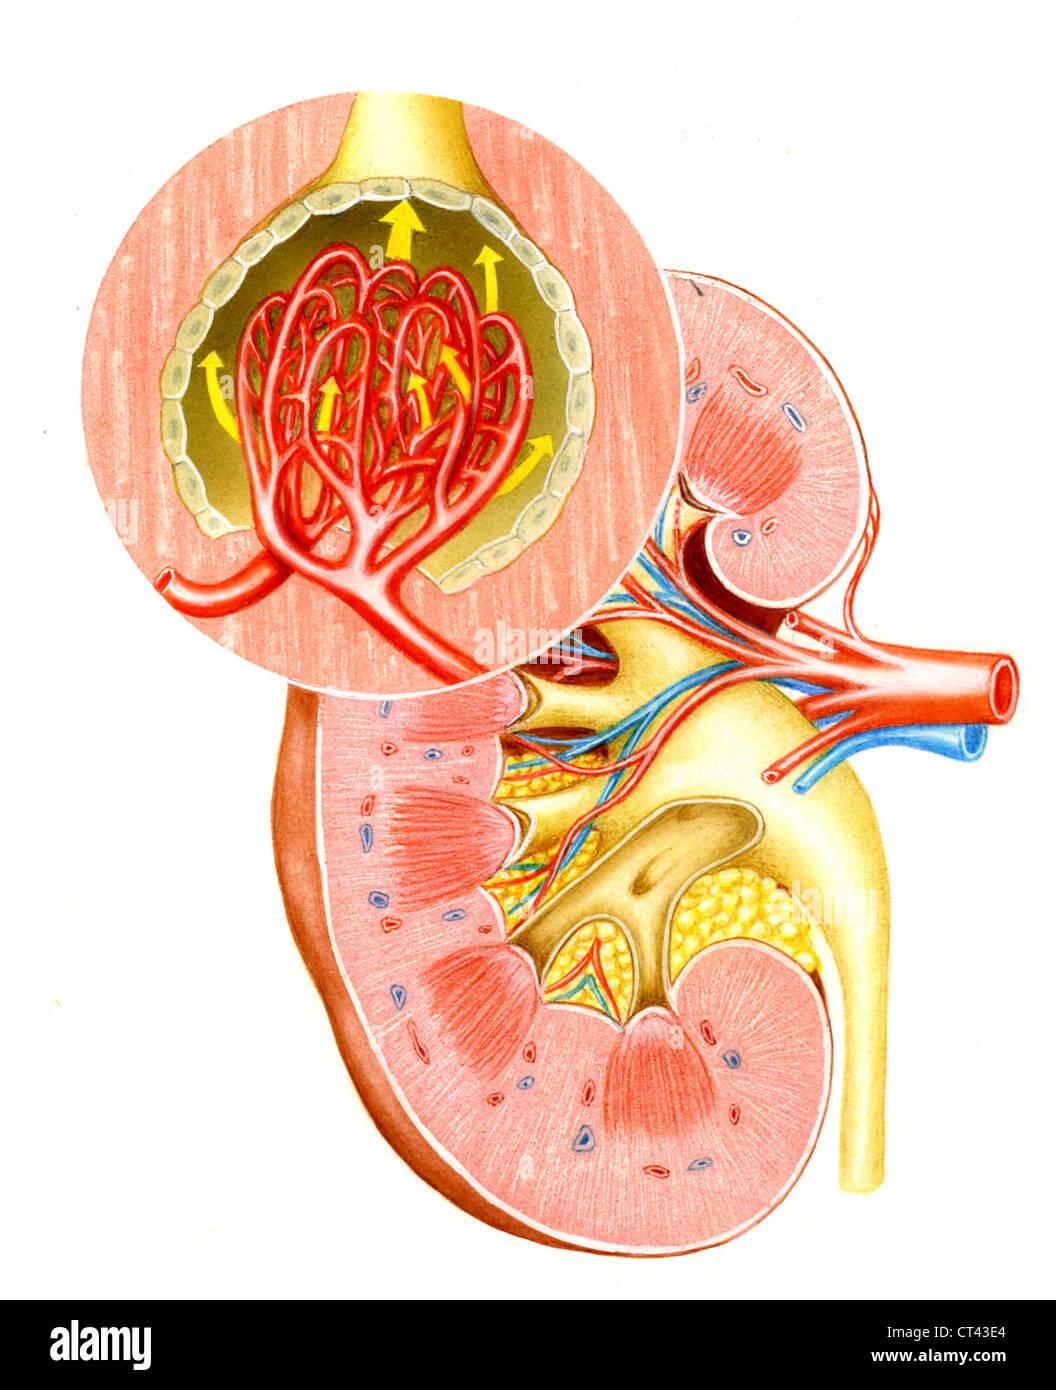 Kidney Ureter Anatomy Vessels